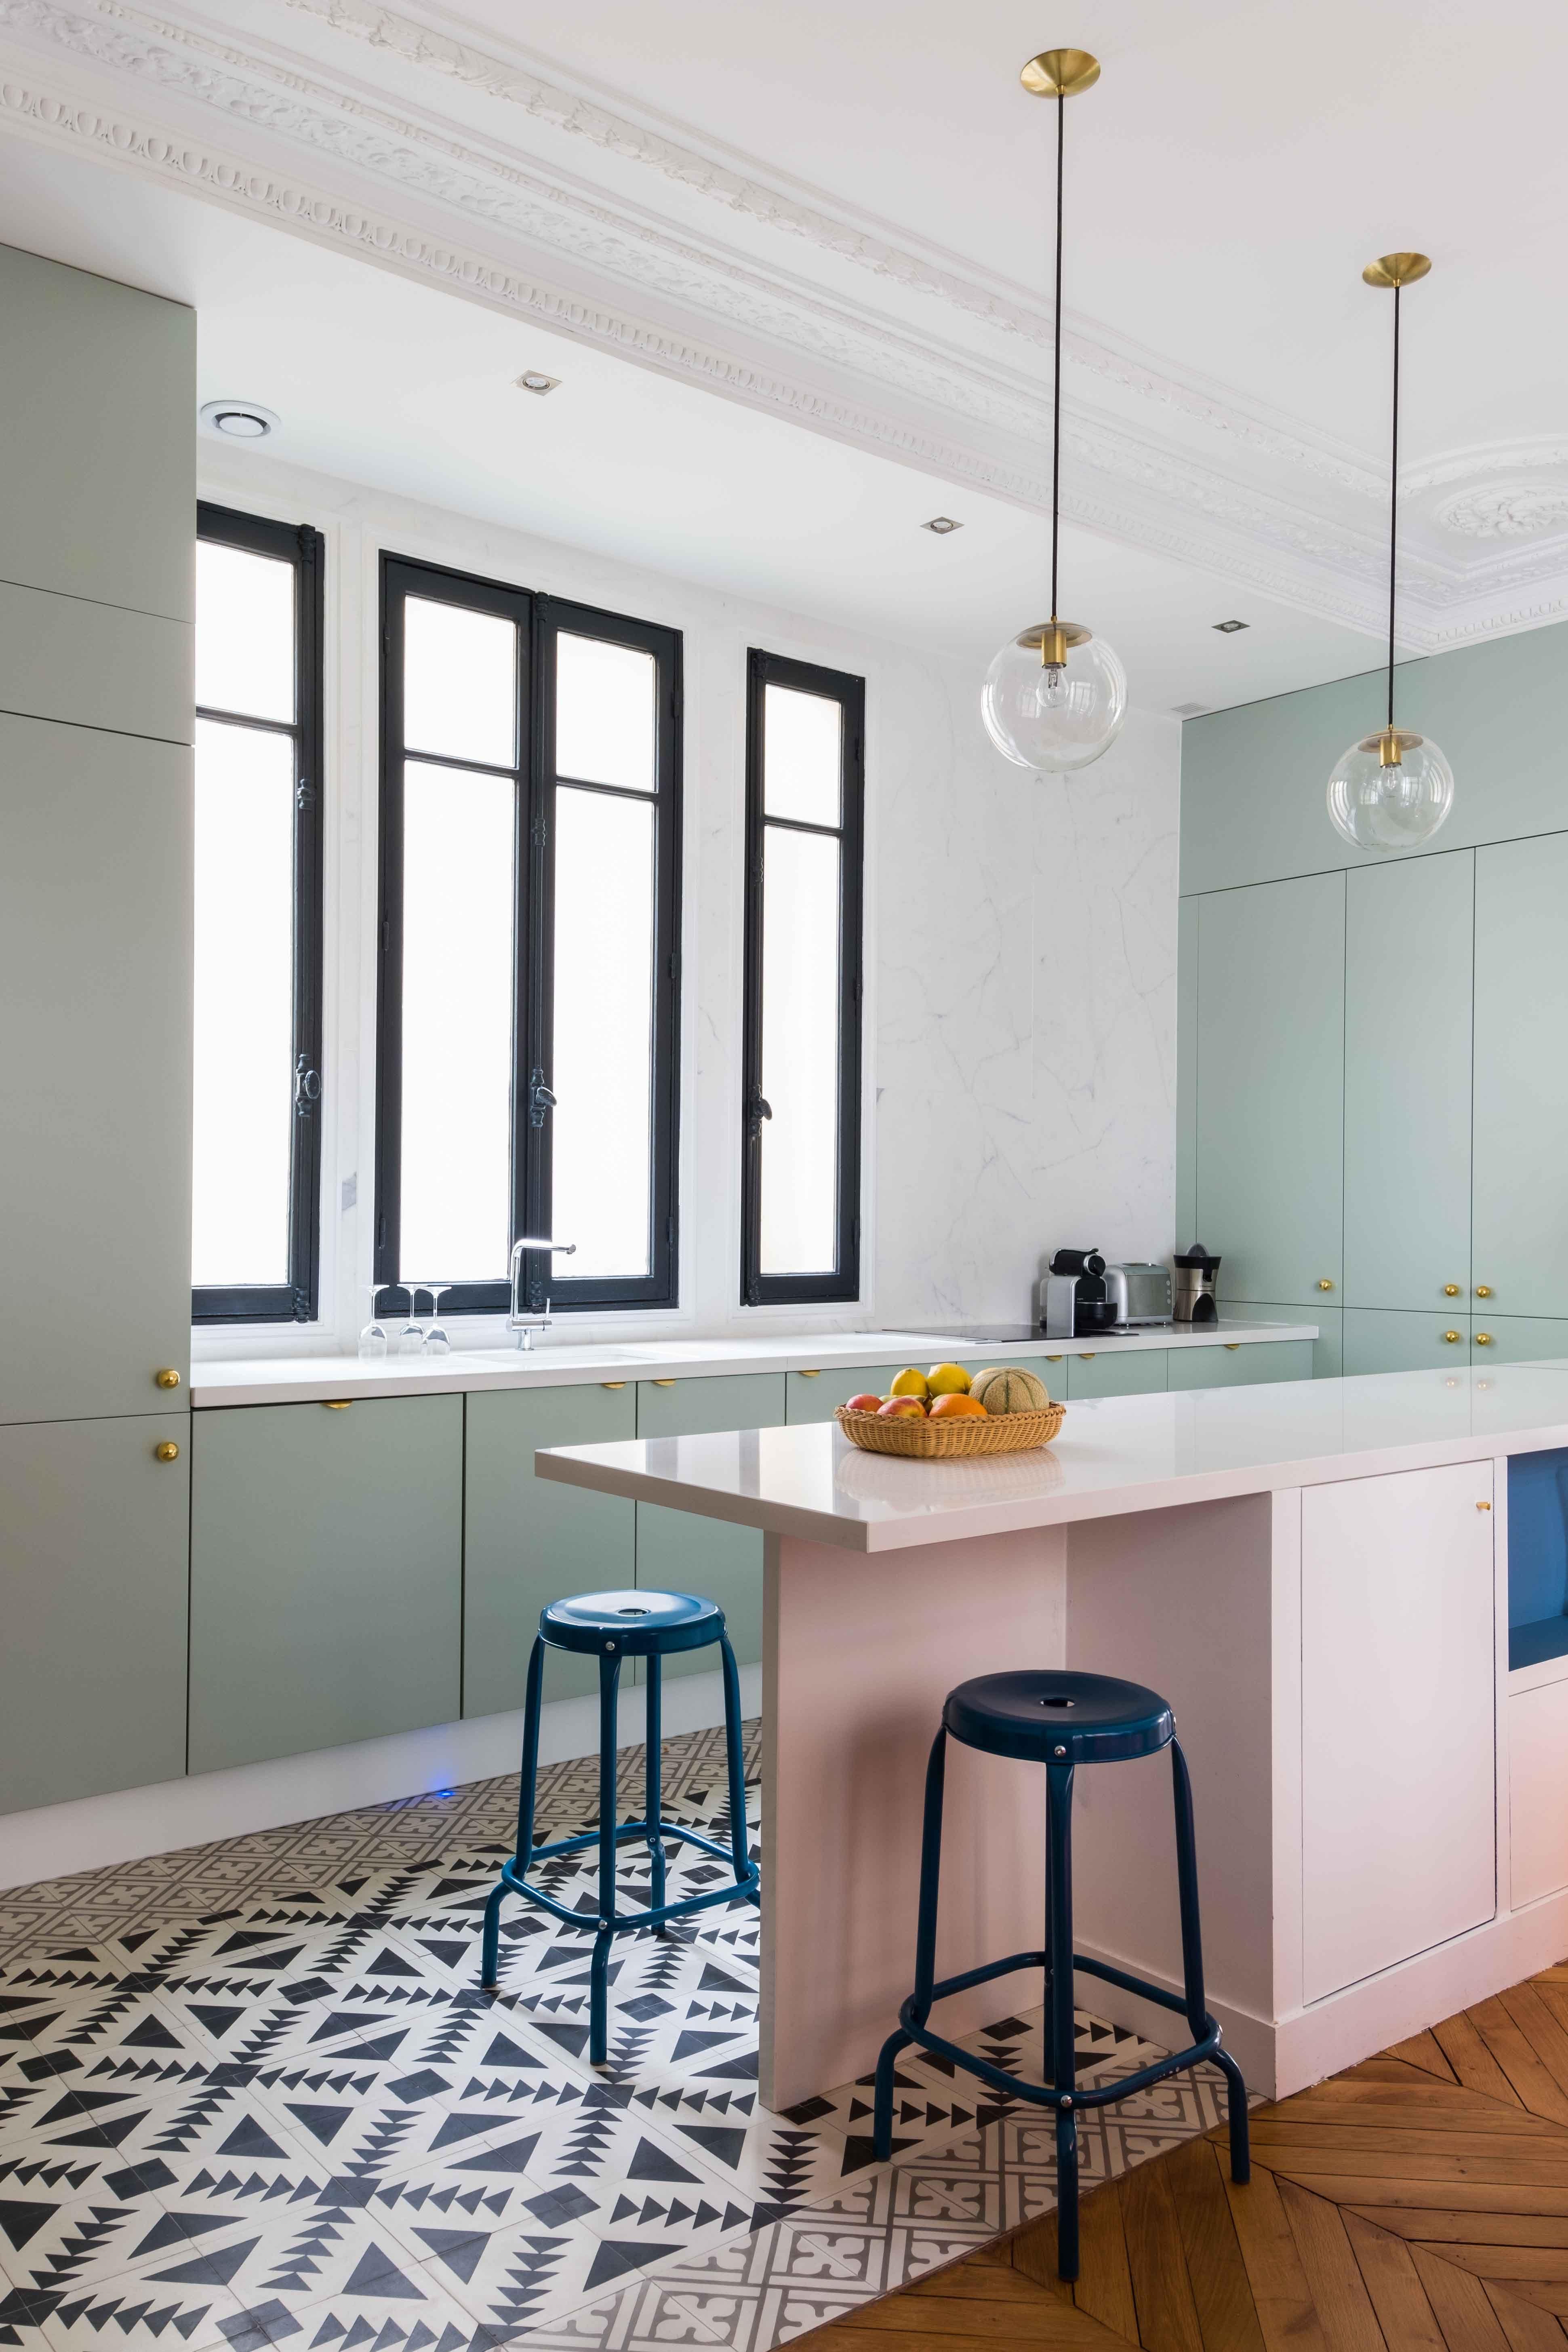 Pin von Miriam Sauerbrey auf Interior Design | Pinterest | Küche ...